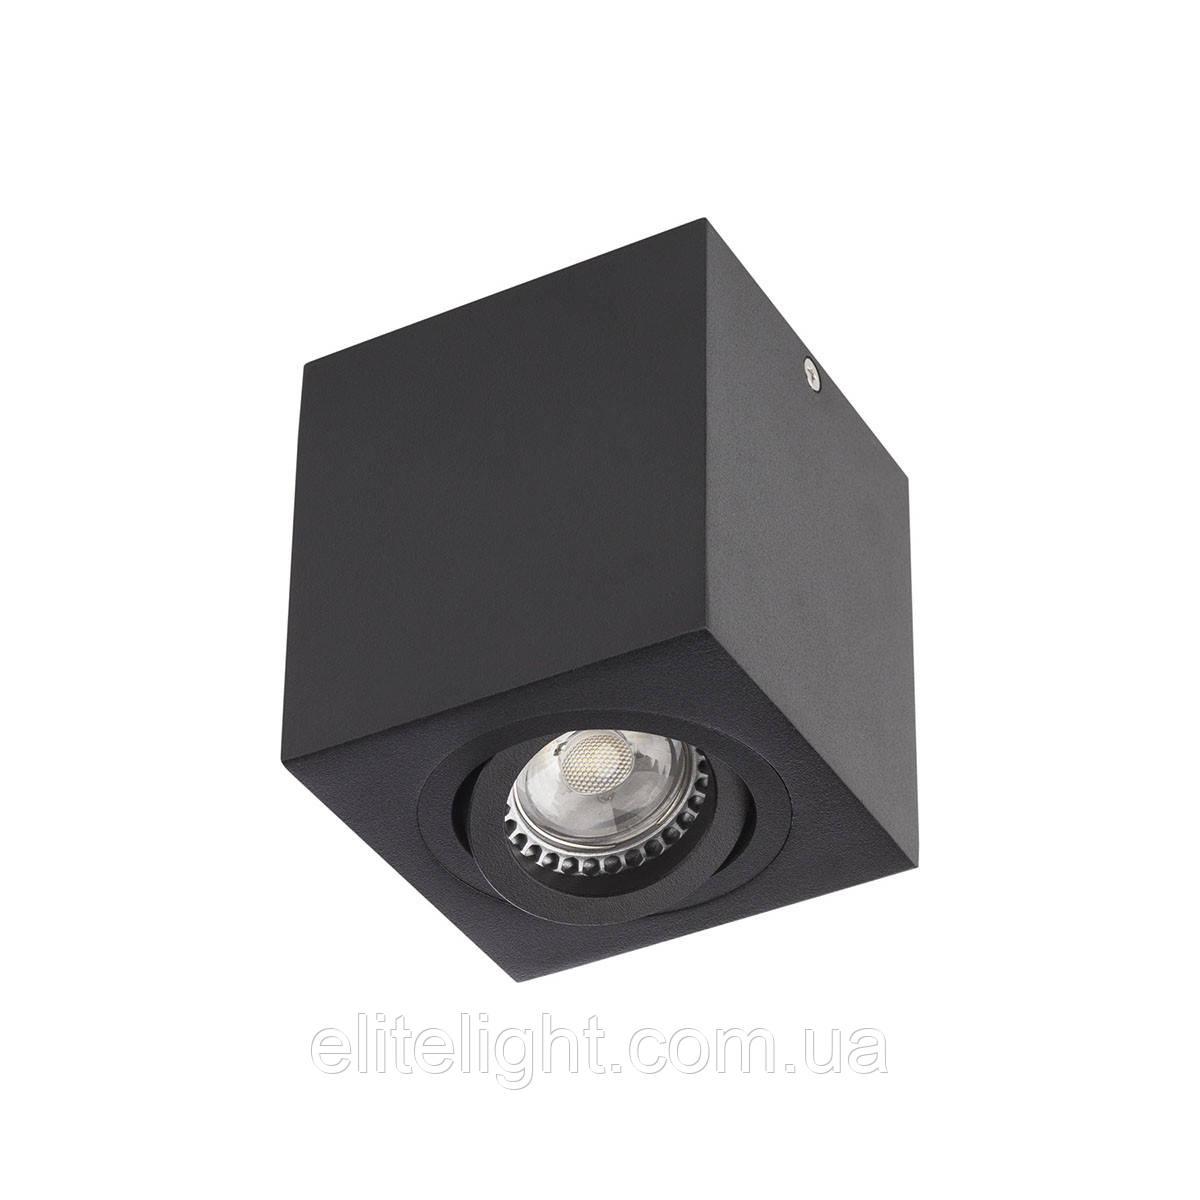 Точечный светильник Arelux XBRIX  APARENT PATRAT